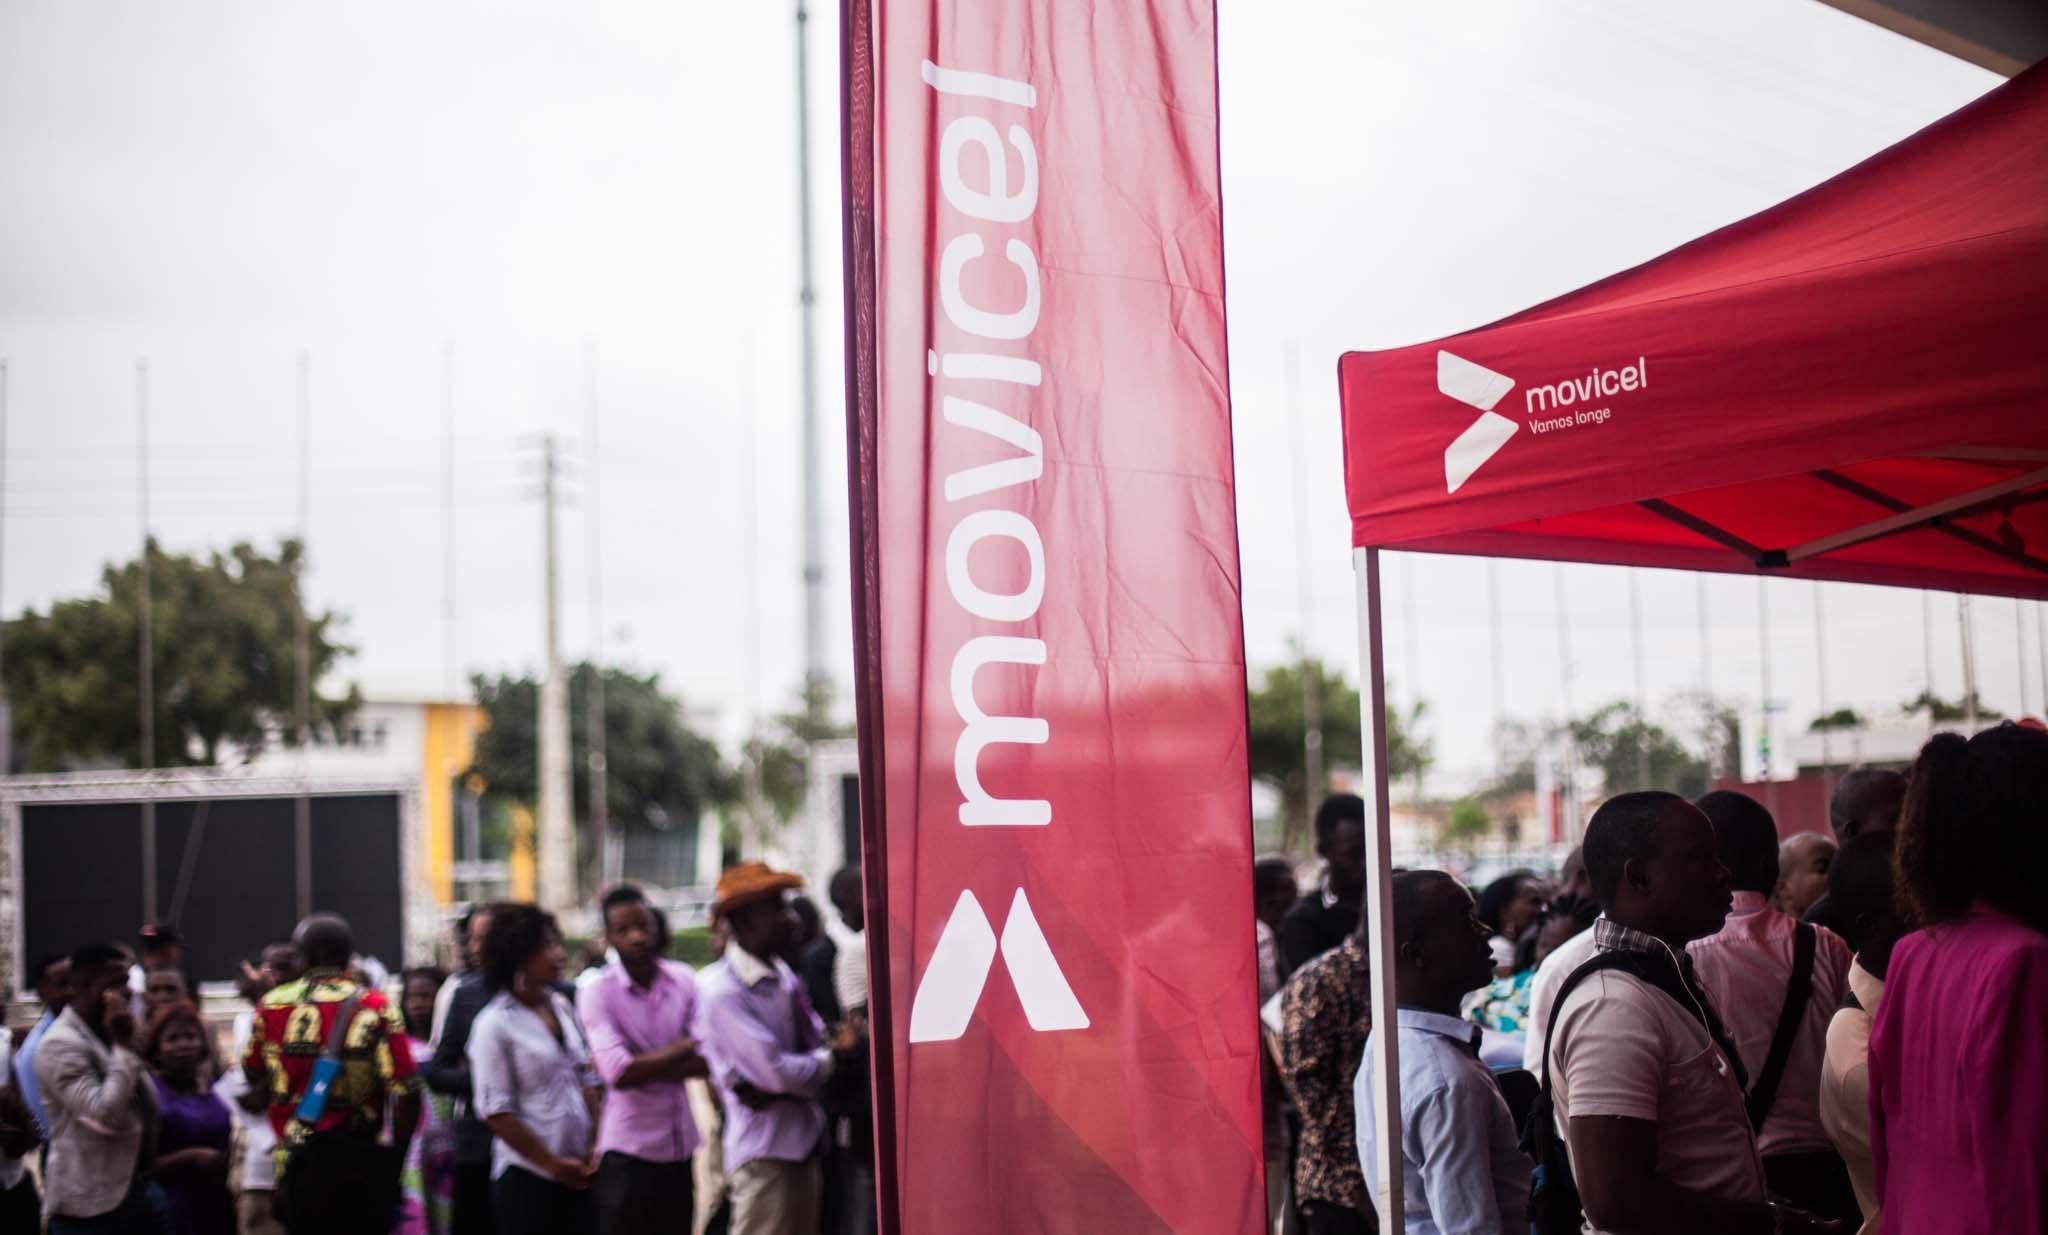 Com novos agentes registados, Movicel procura crescer e aproximar-se mais dos clientes